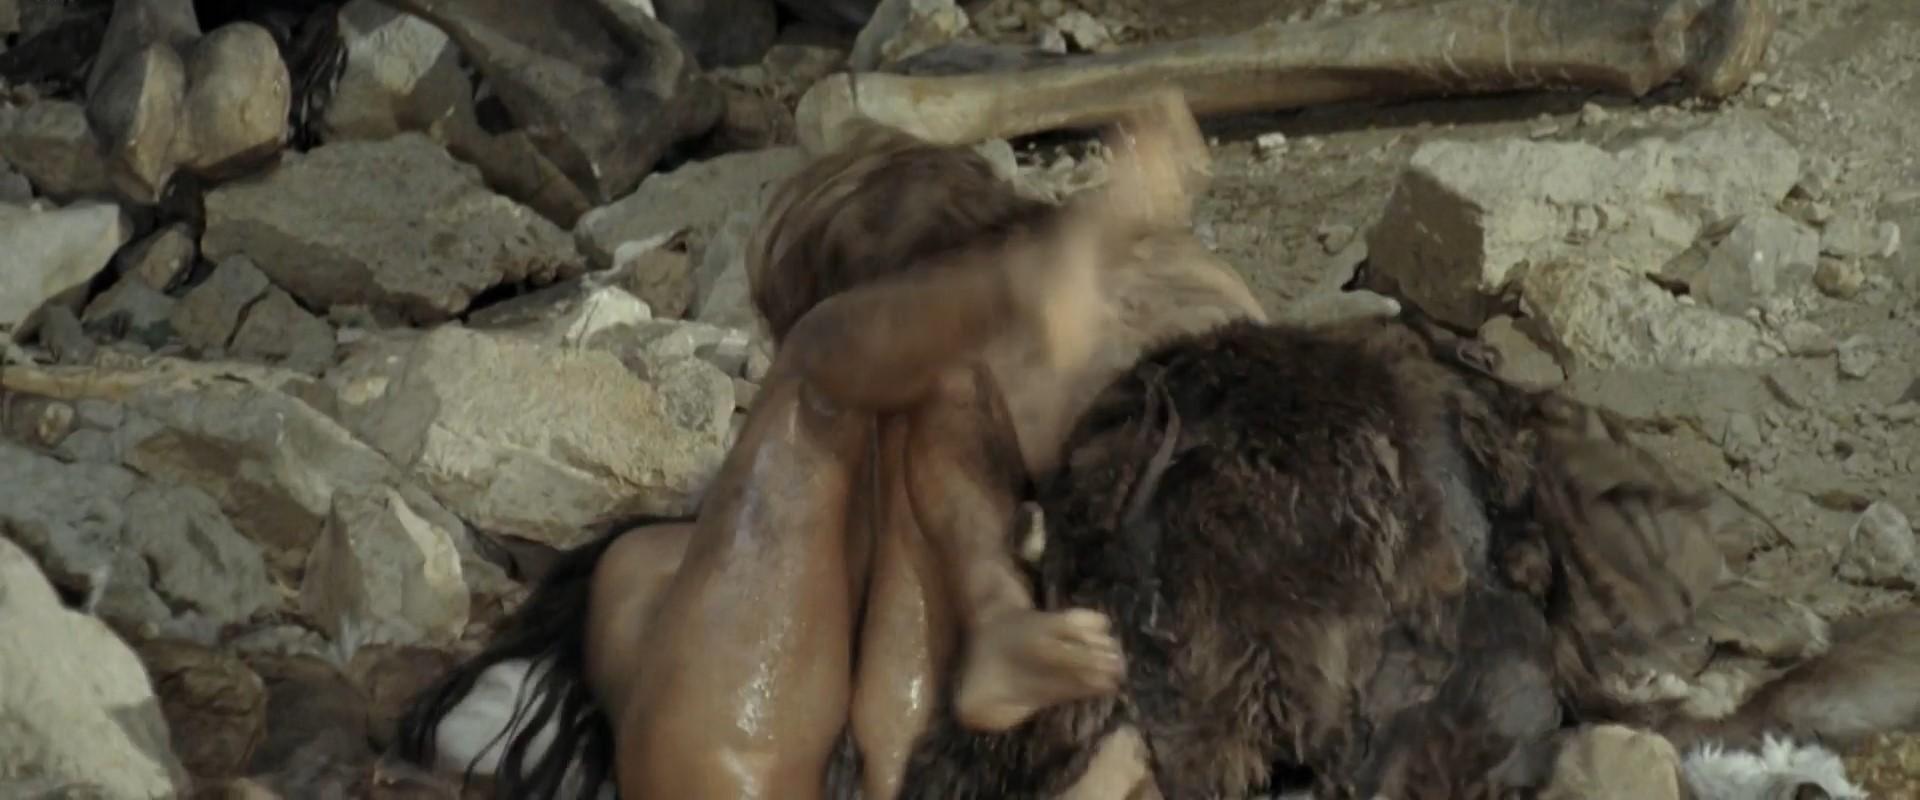 The shield nude scene